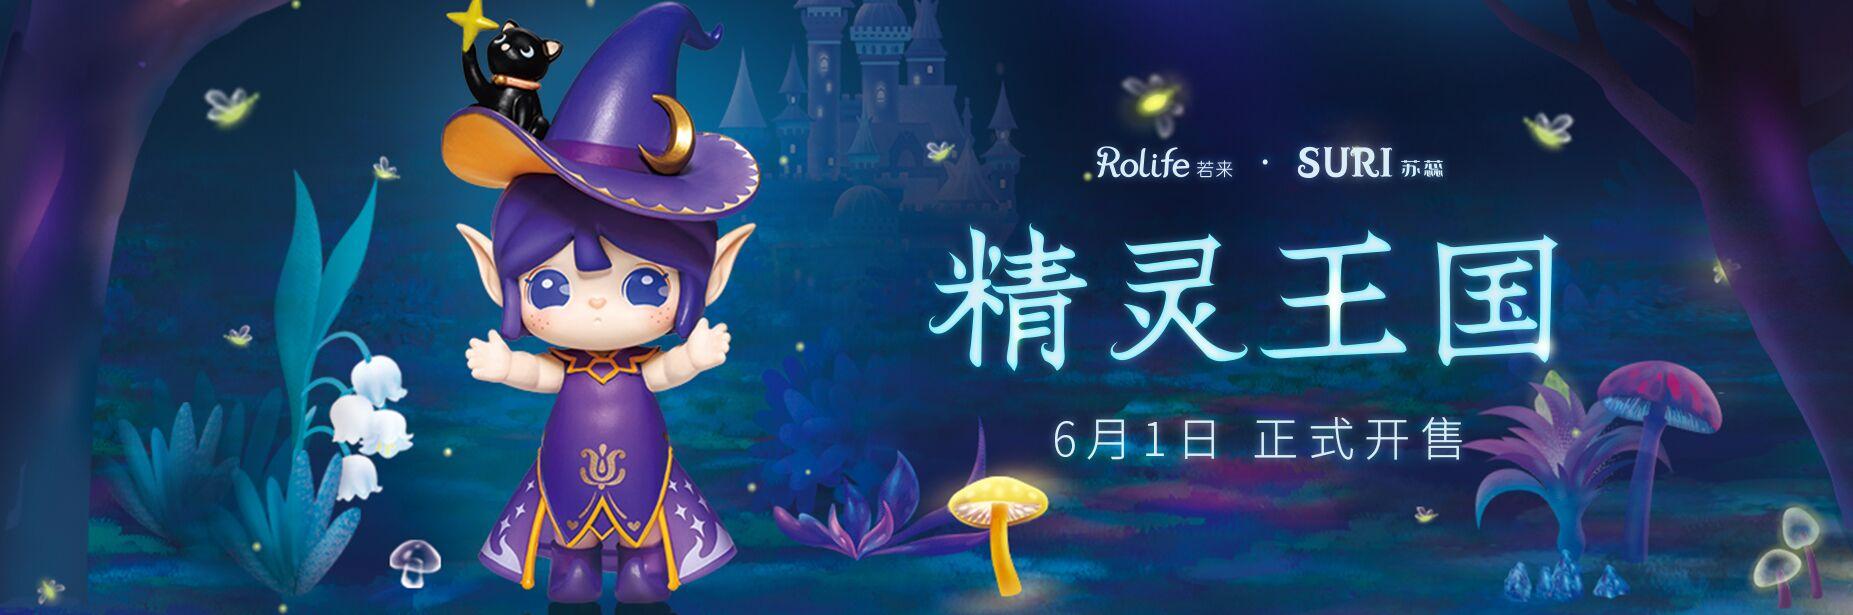 官网banner1853×615